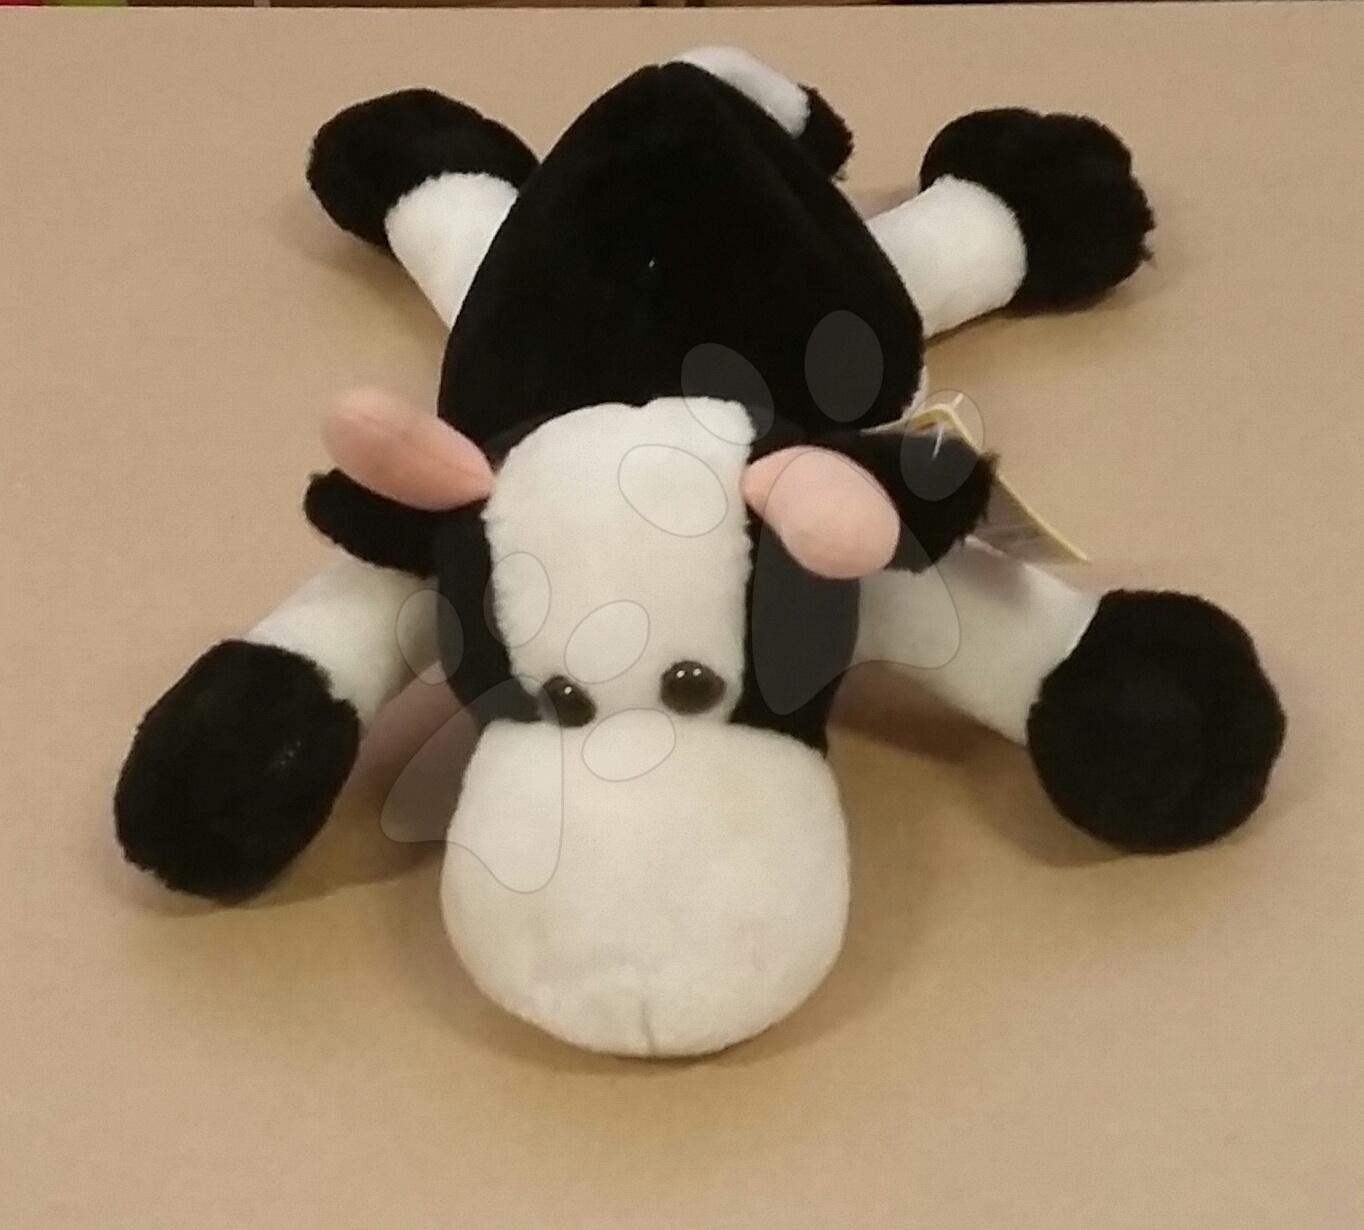 Plyšová kravička Disney Ilanit 30 cm černá